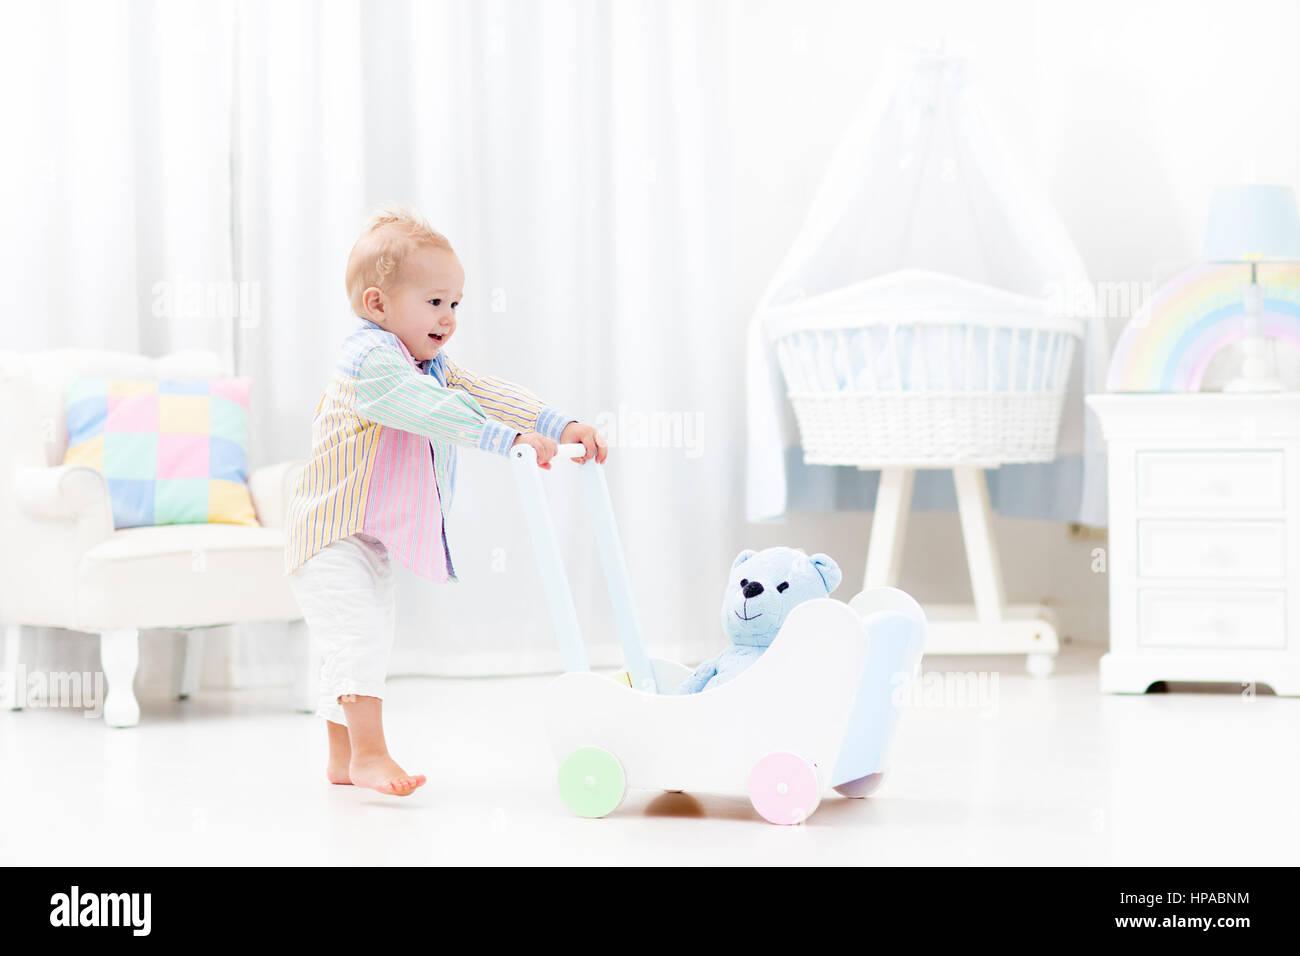 Baby Boy Mit Hölzernen Push Walker In Weiße Schlafzimmer Mit Pastell  Regenbogen Farbe Spielzeug Laufen Lernen. Spielzeug Für Die Ersten Schritte  Des Kindes ...